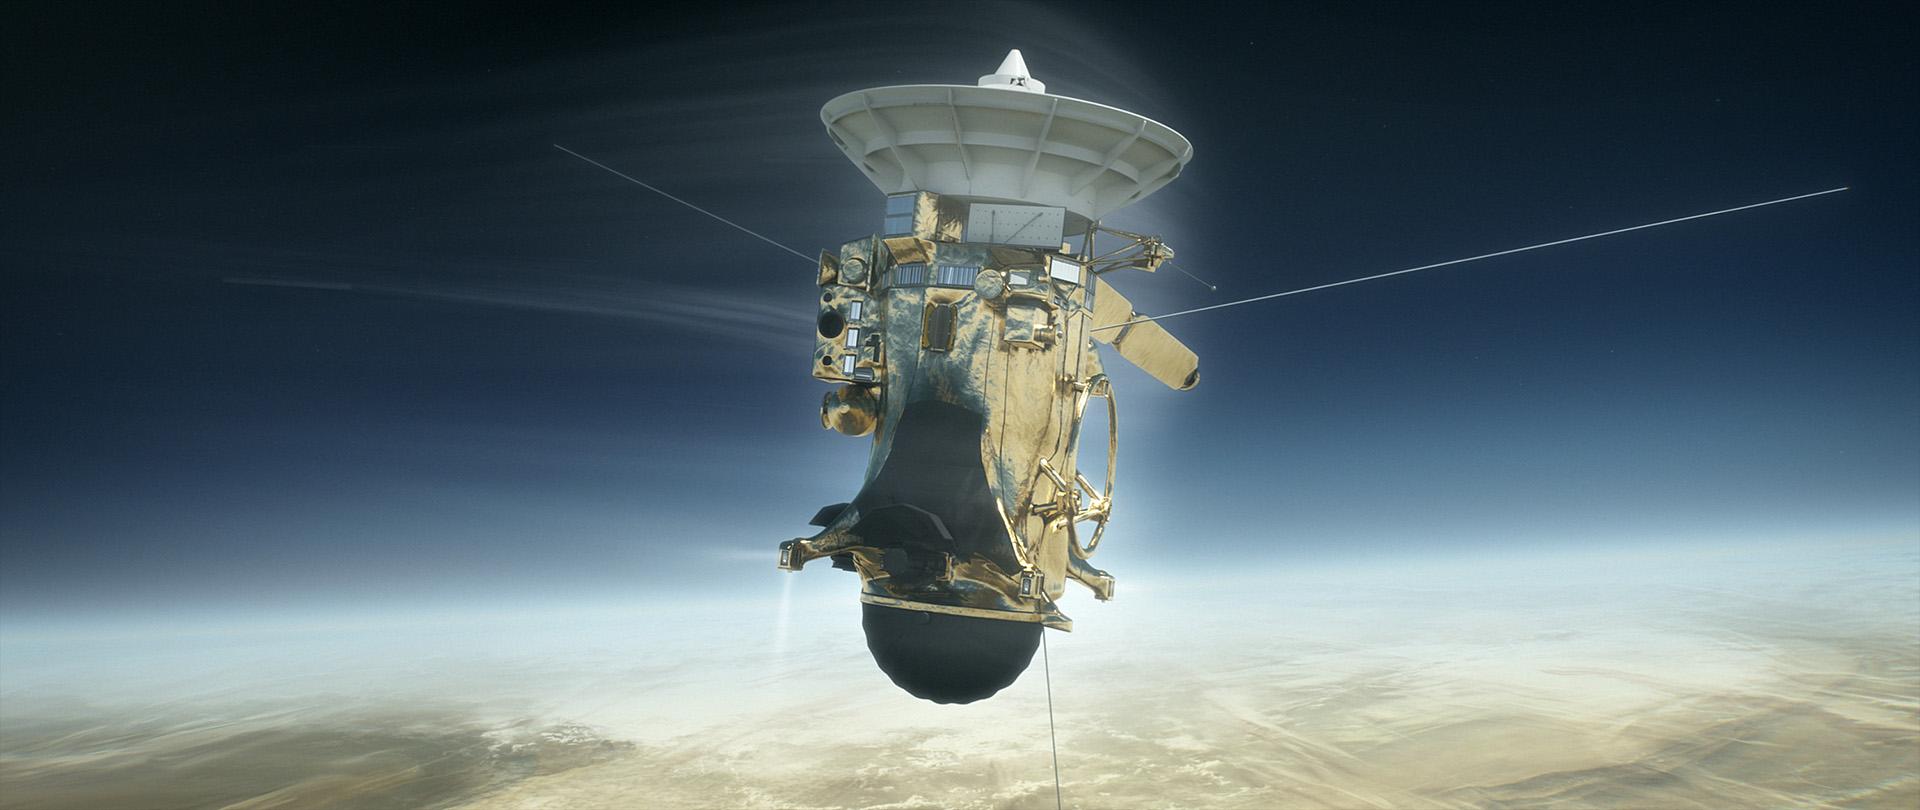 условием бережного кассини гюйгенс фото сатурна хай